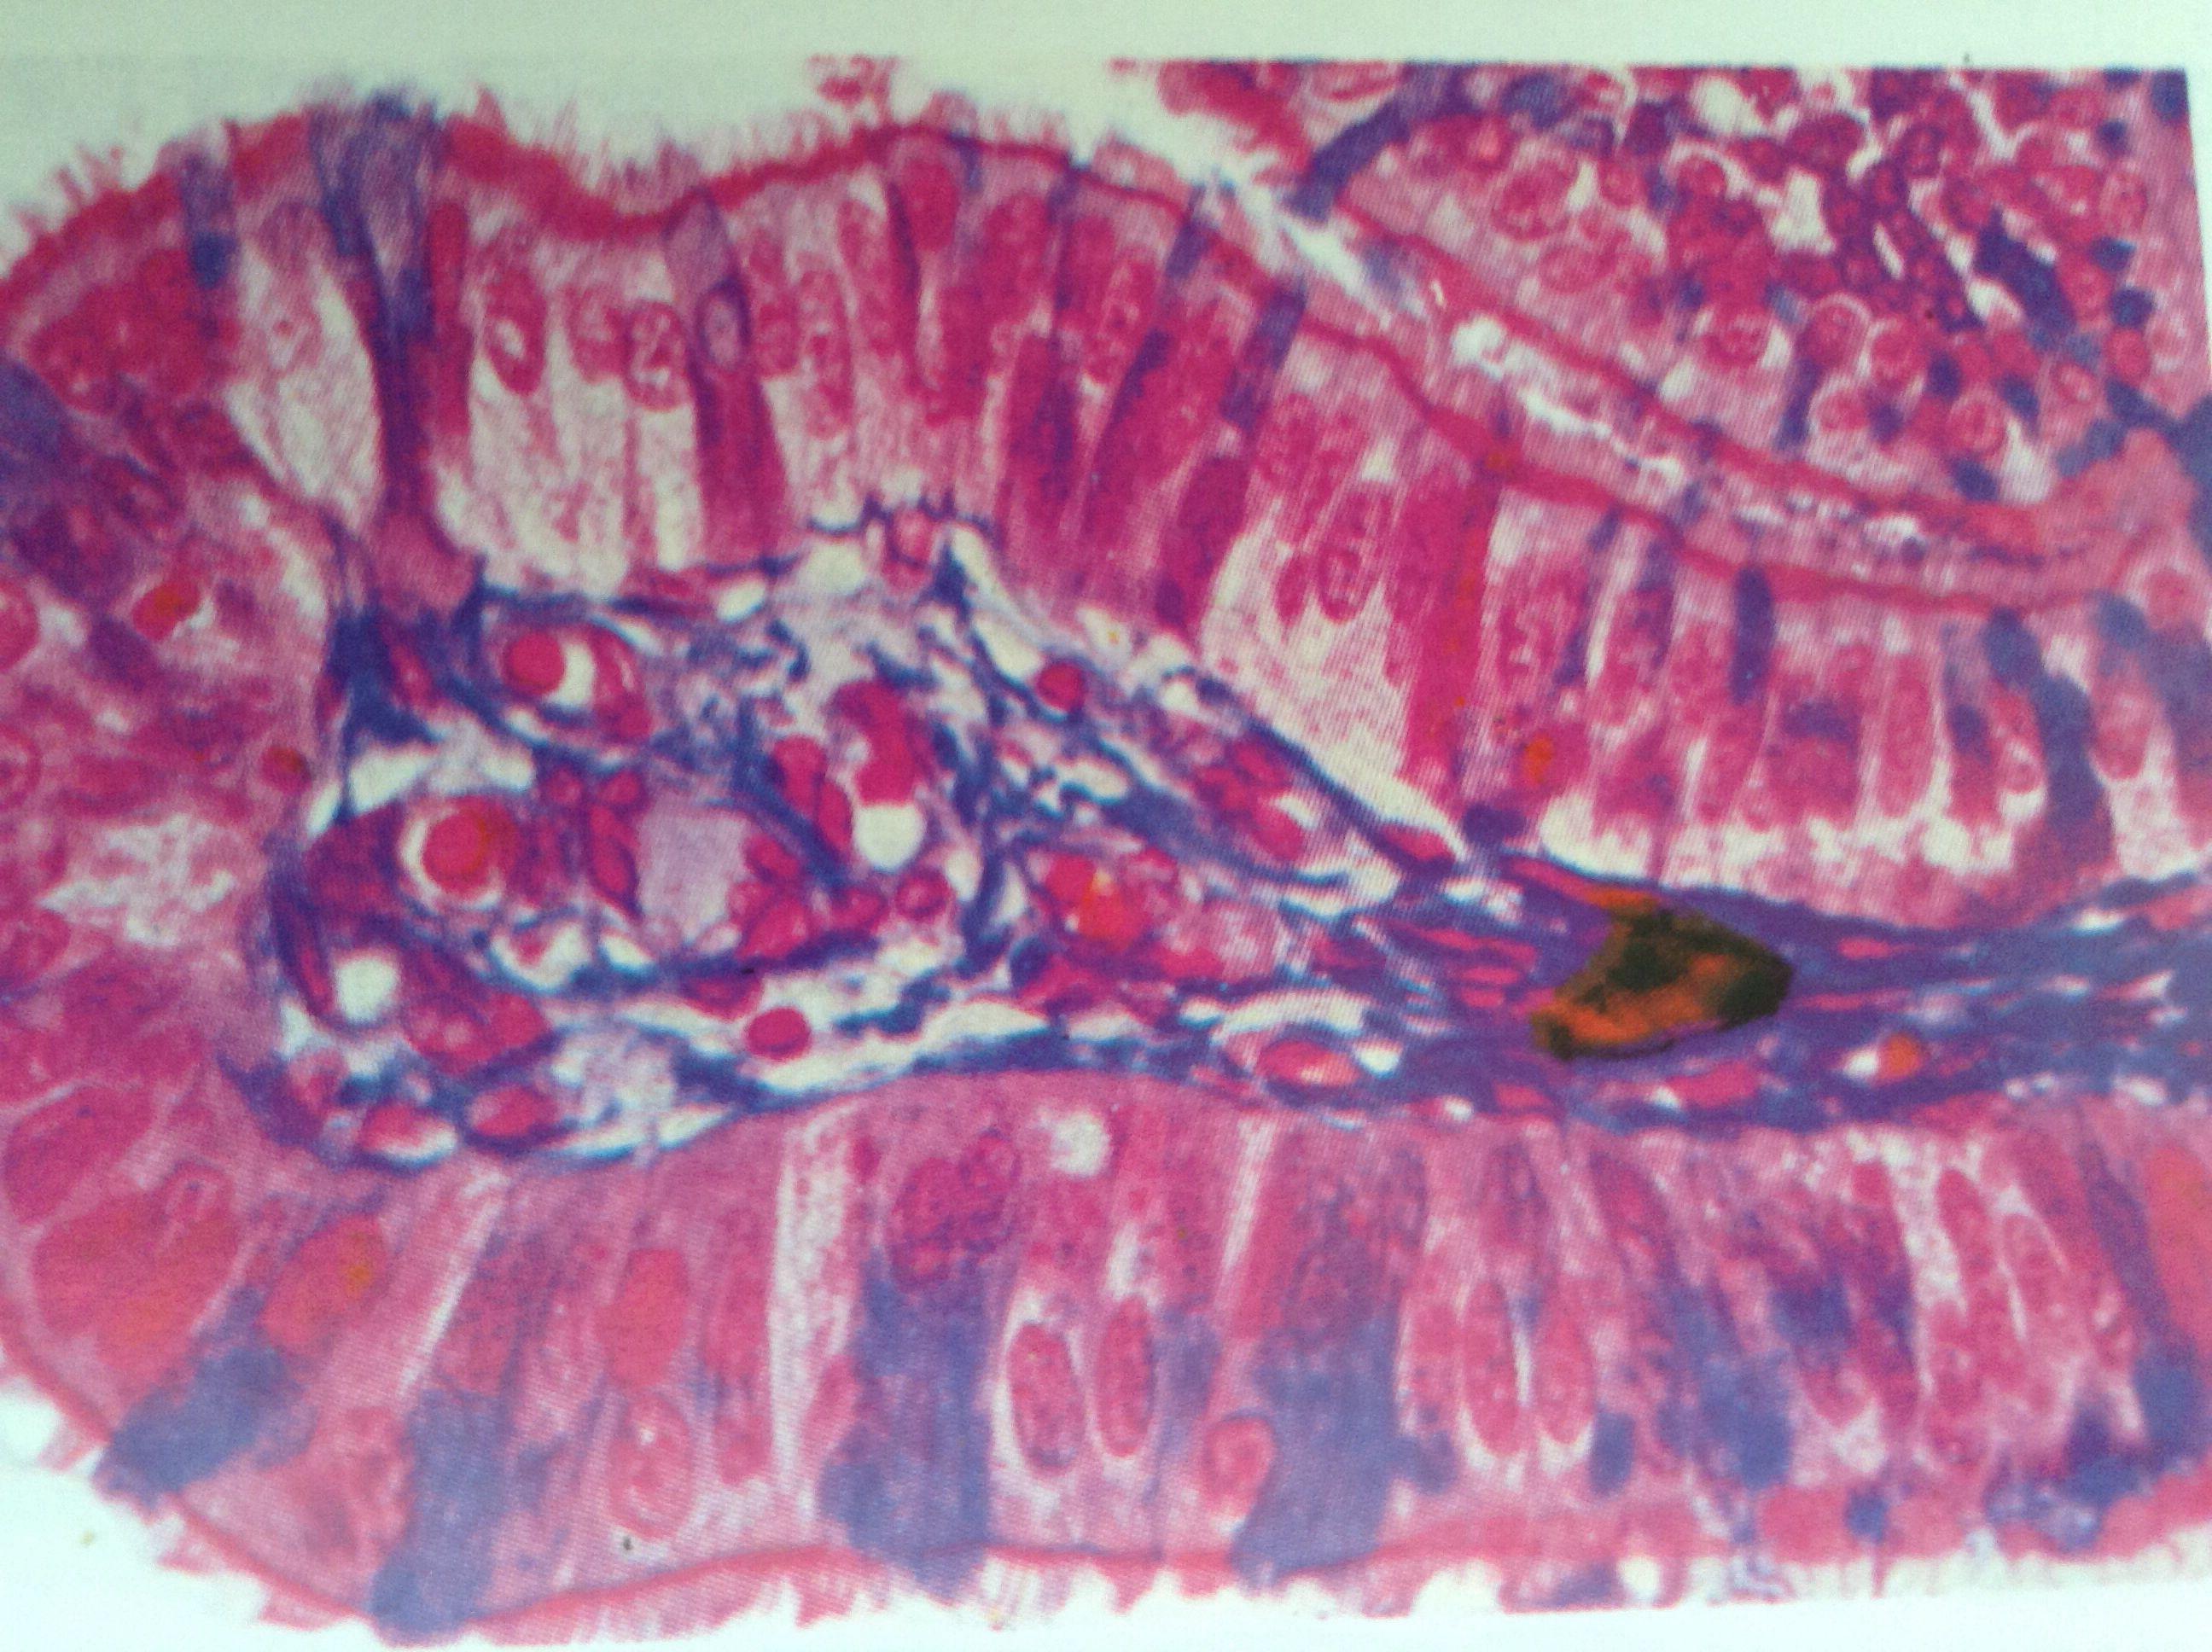 Imagen tomada de un pliegue de epitelio cilíndrico ciliado en la trompa de Falopio. Las células teñidas de azul no son ciliadas y tienen función secretora.